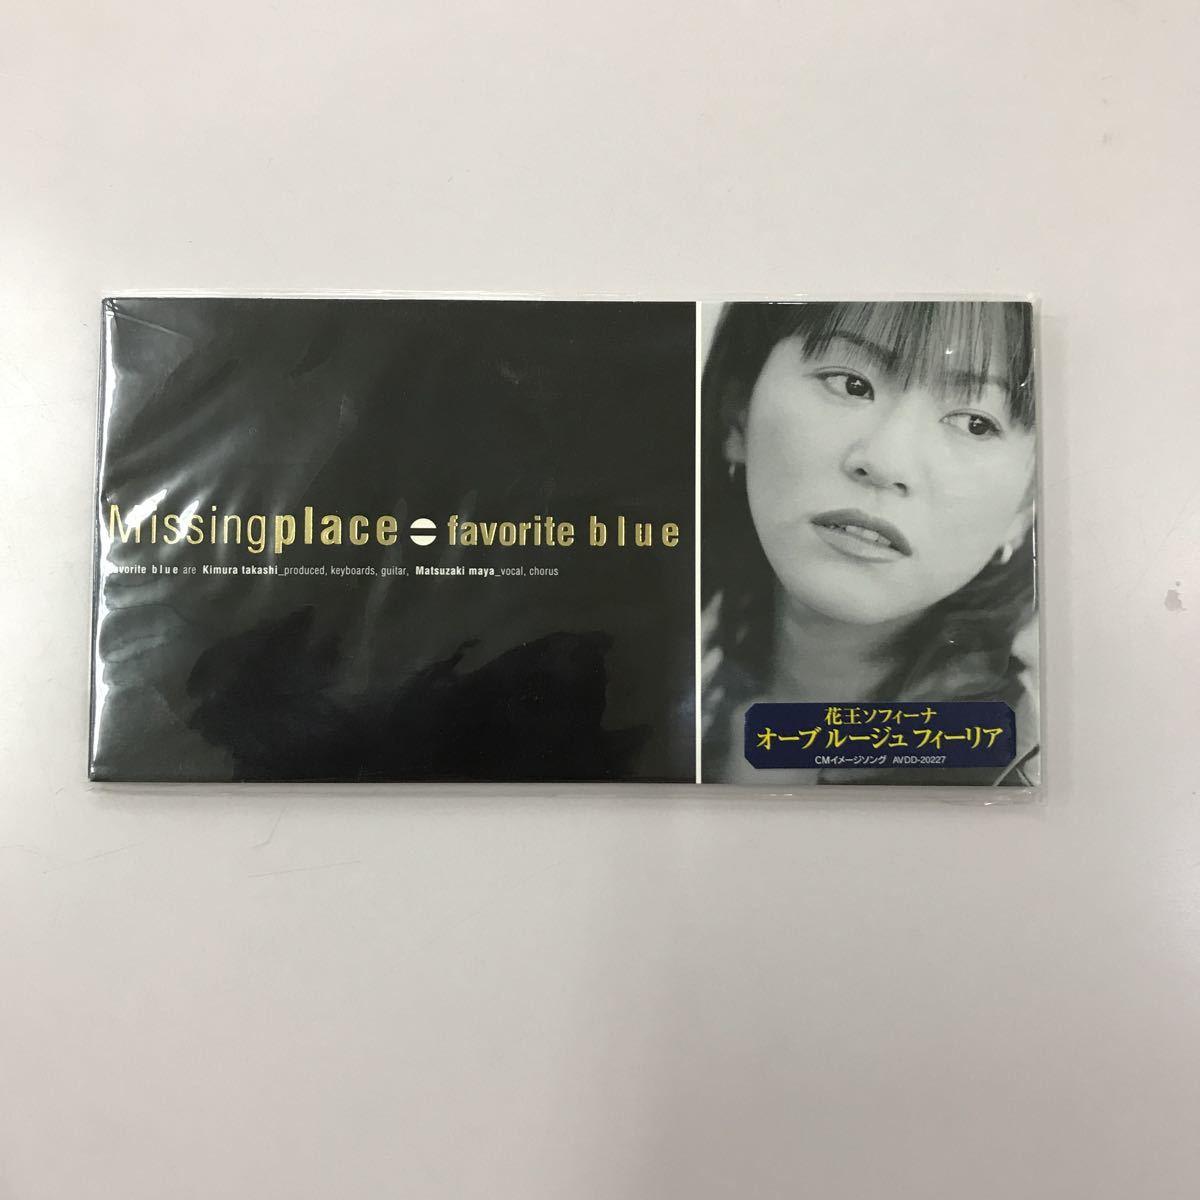 シングルCD 8センチ 中古【邦楽】長期保存品 favorite blue Missingplace